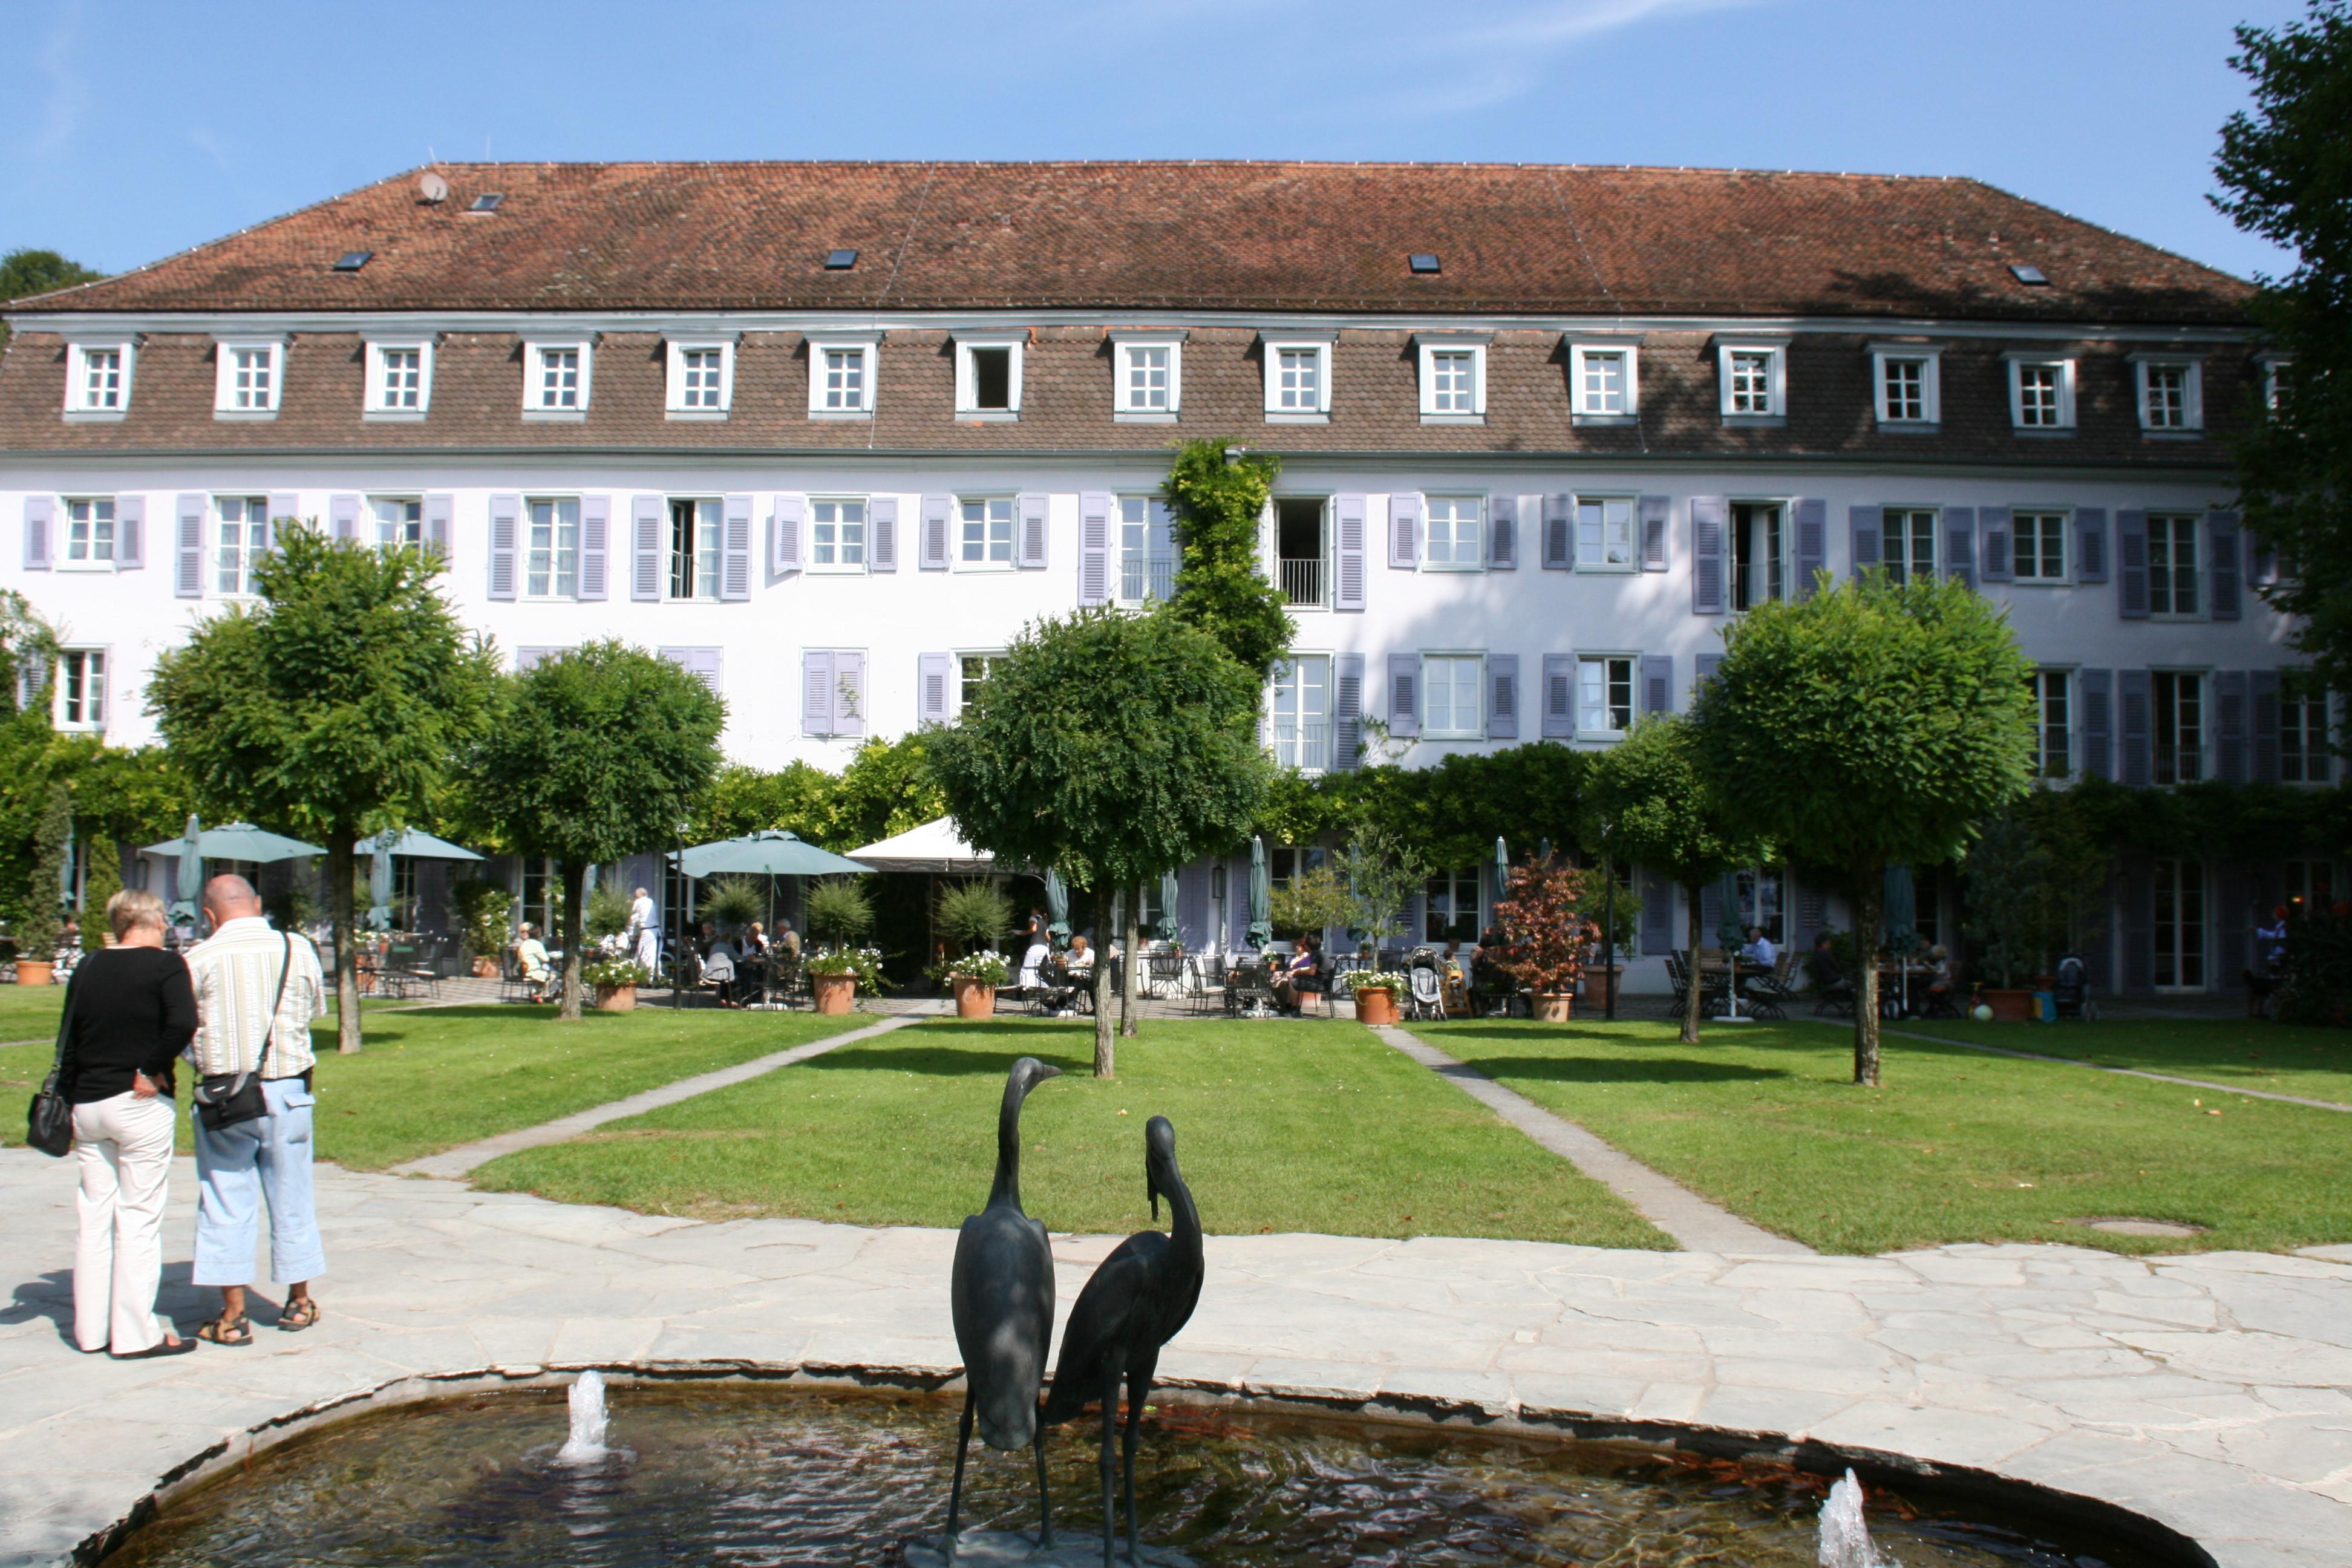 Hotel Kurgarten Bad Kosen